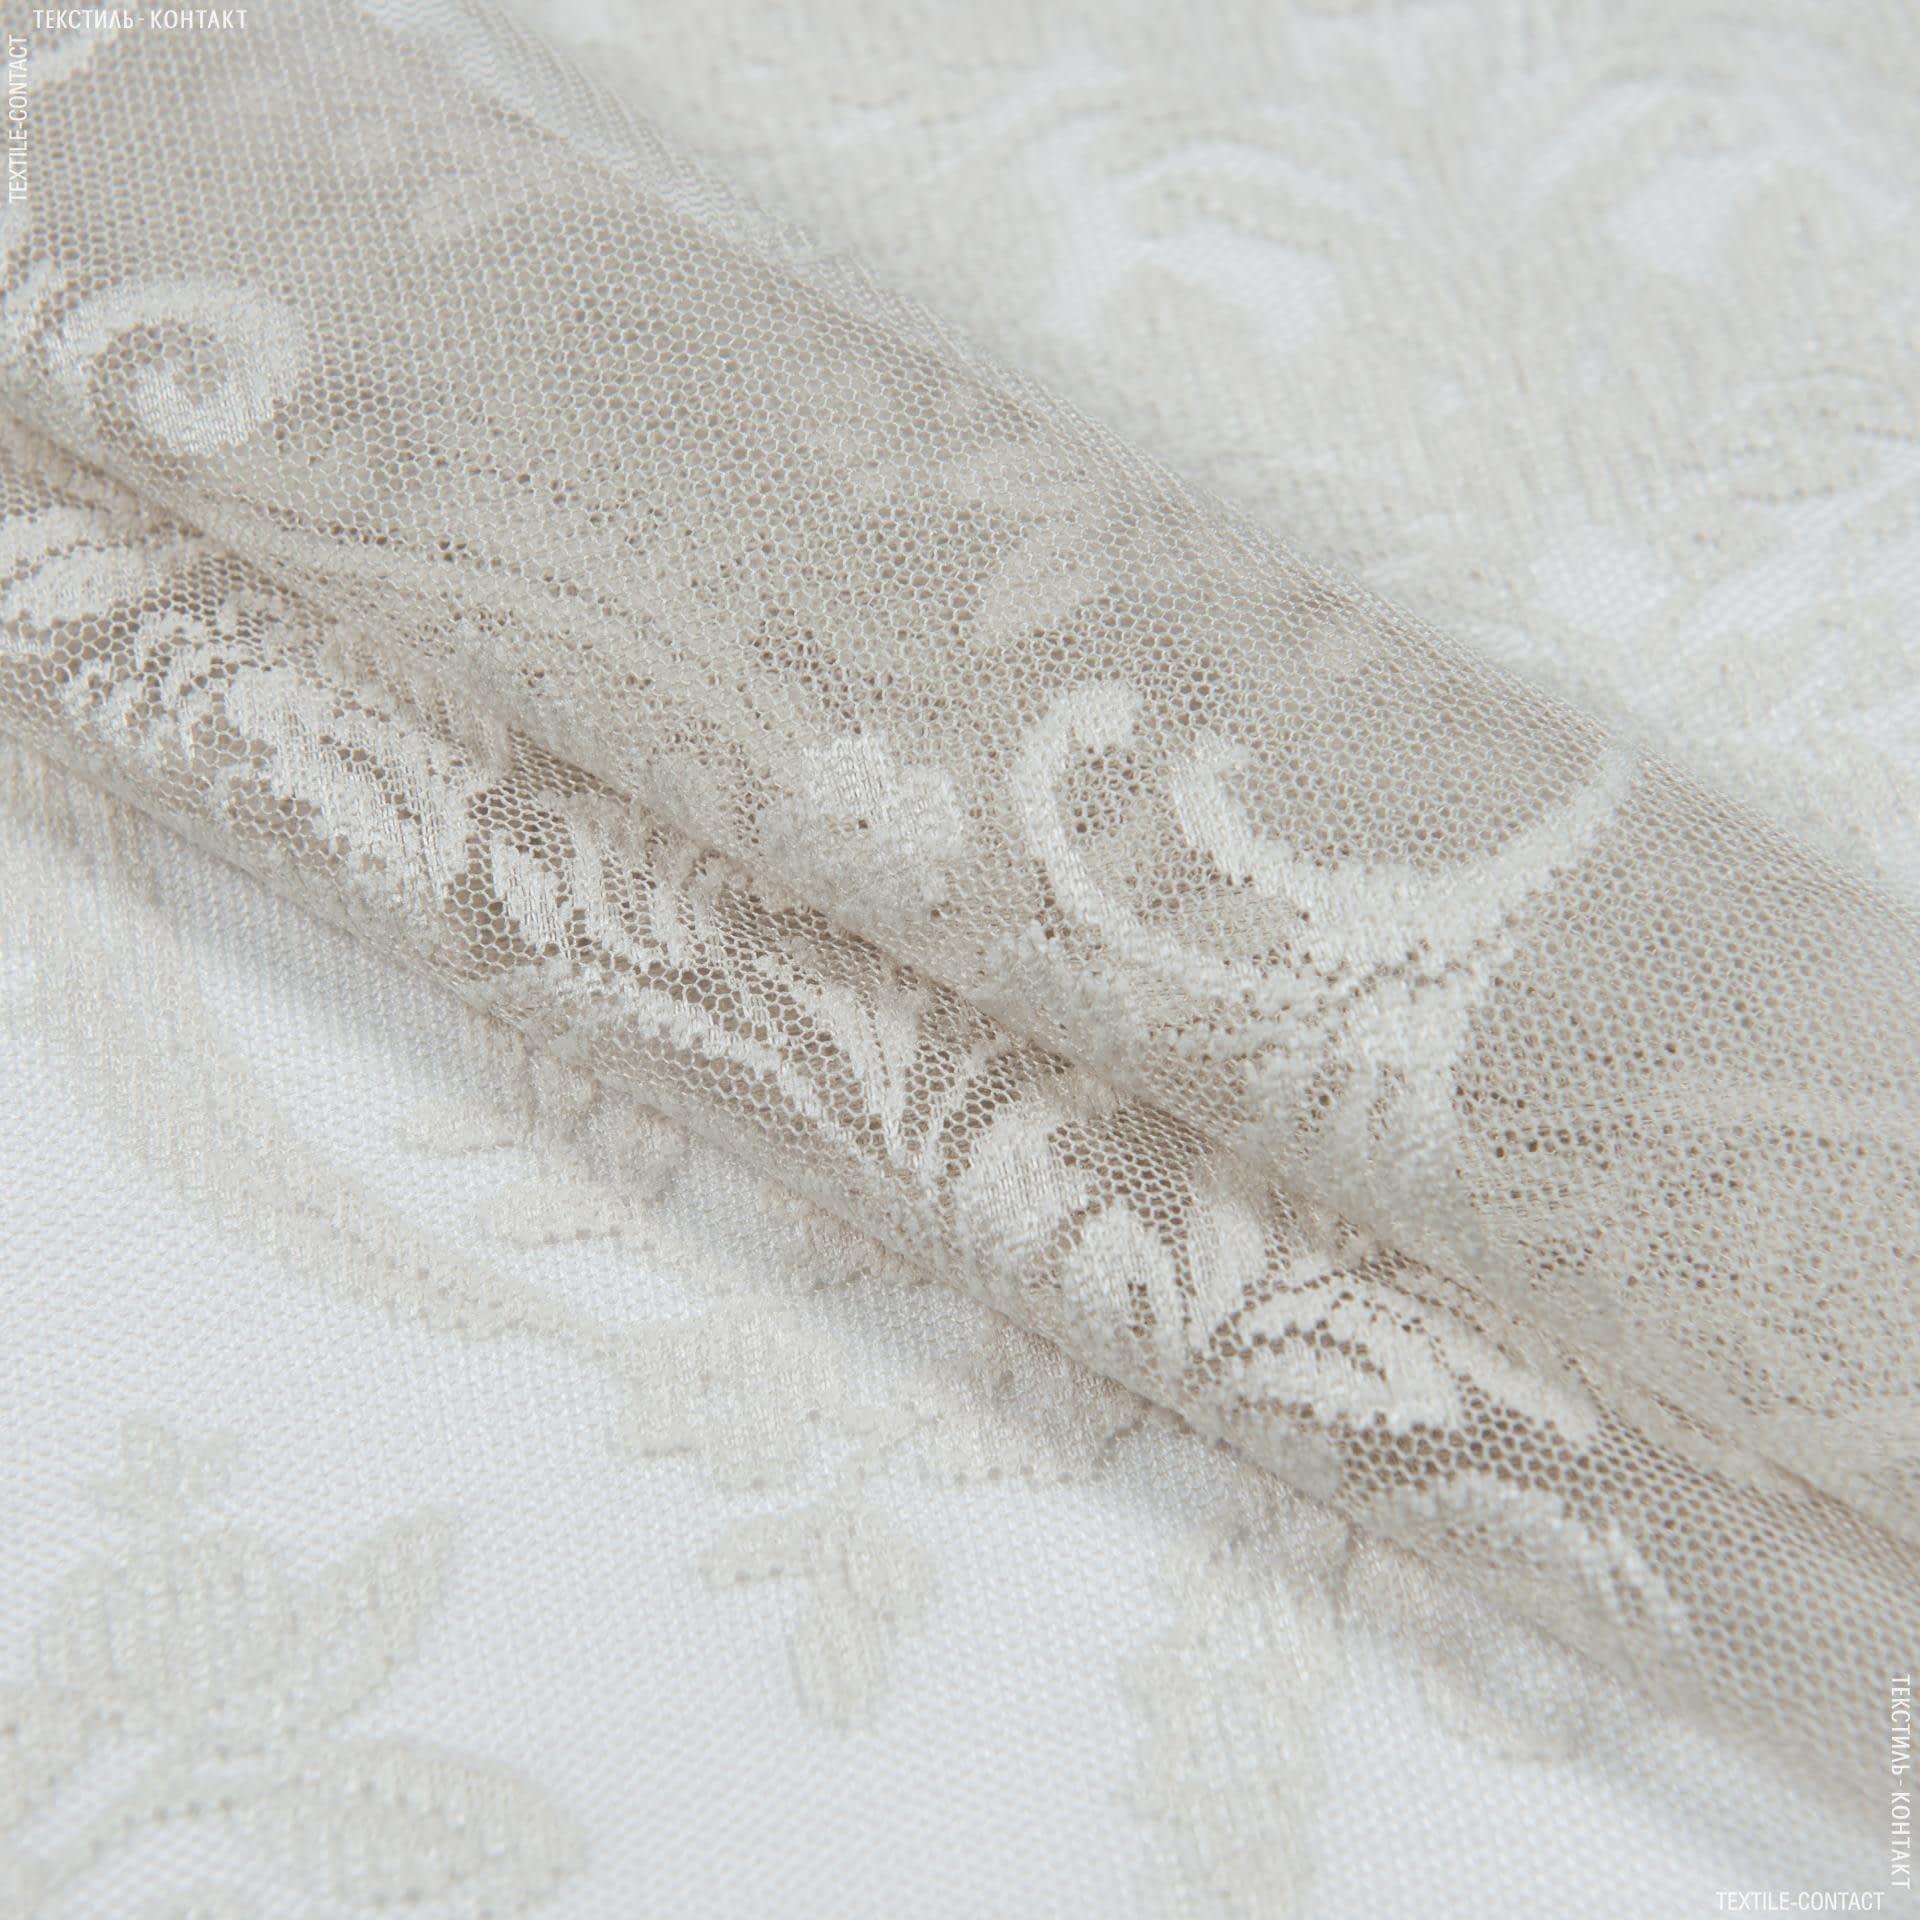 Тканини гардинні тканини - Гардинне полотно гіпюр рейн пісок